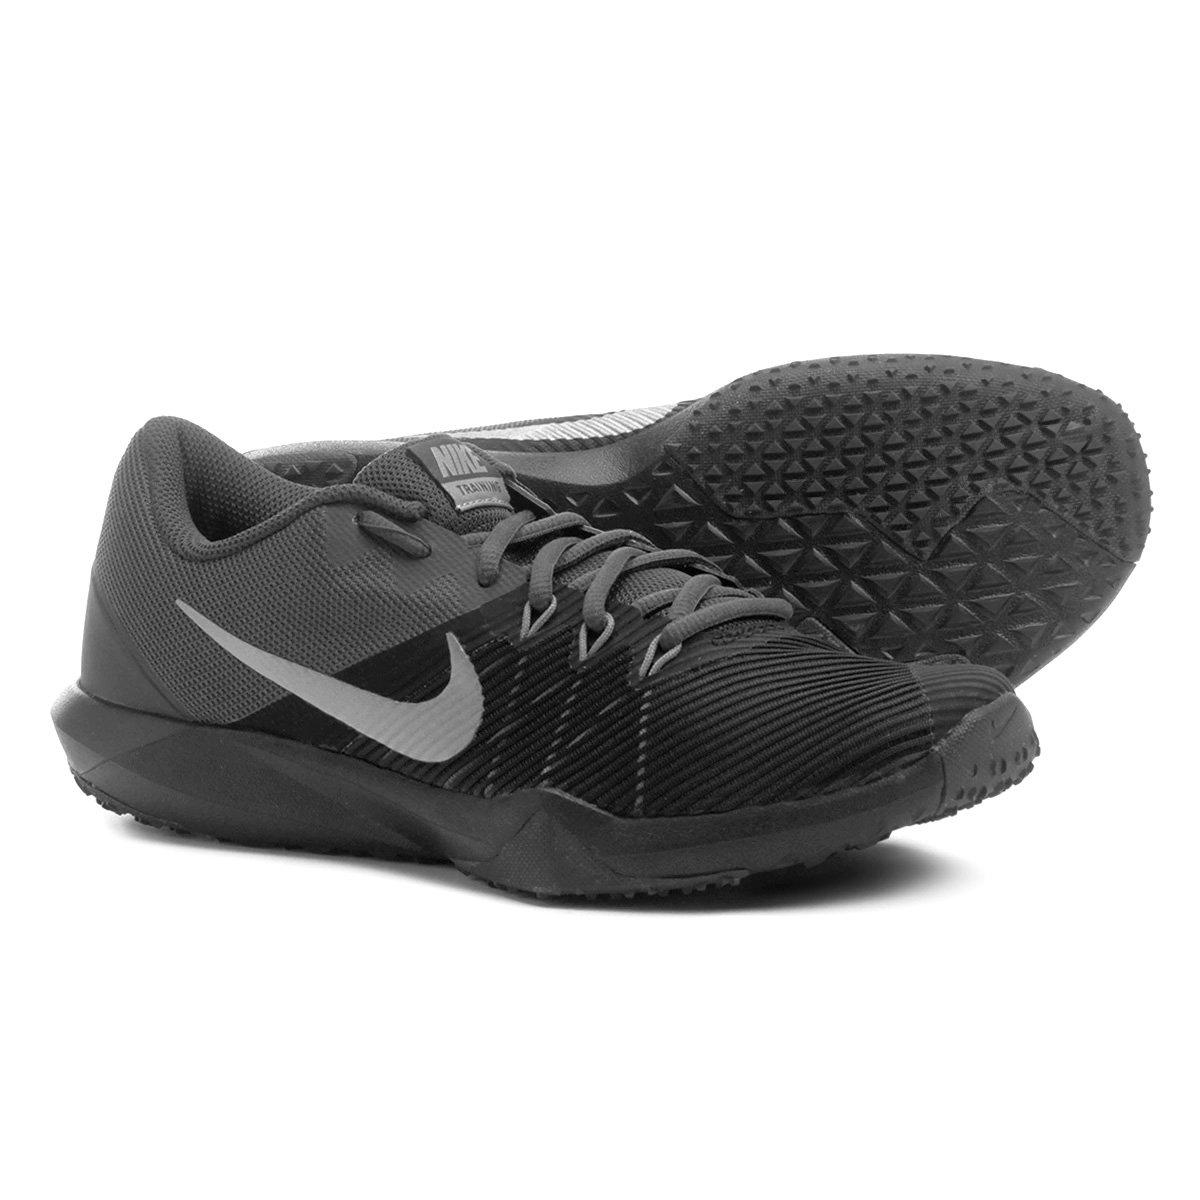 c6ccfee259a Tênis Nike Retaliation TR Masculino - Compre Agora